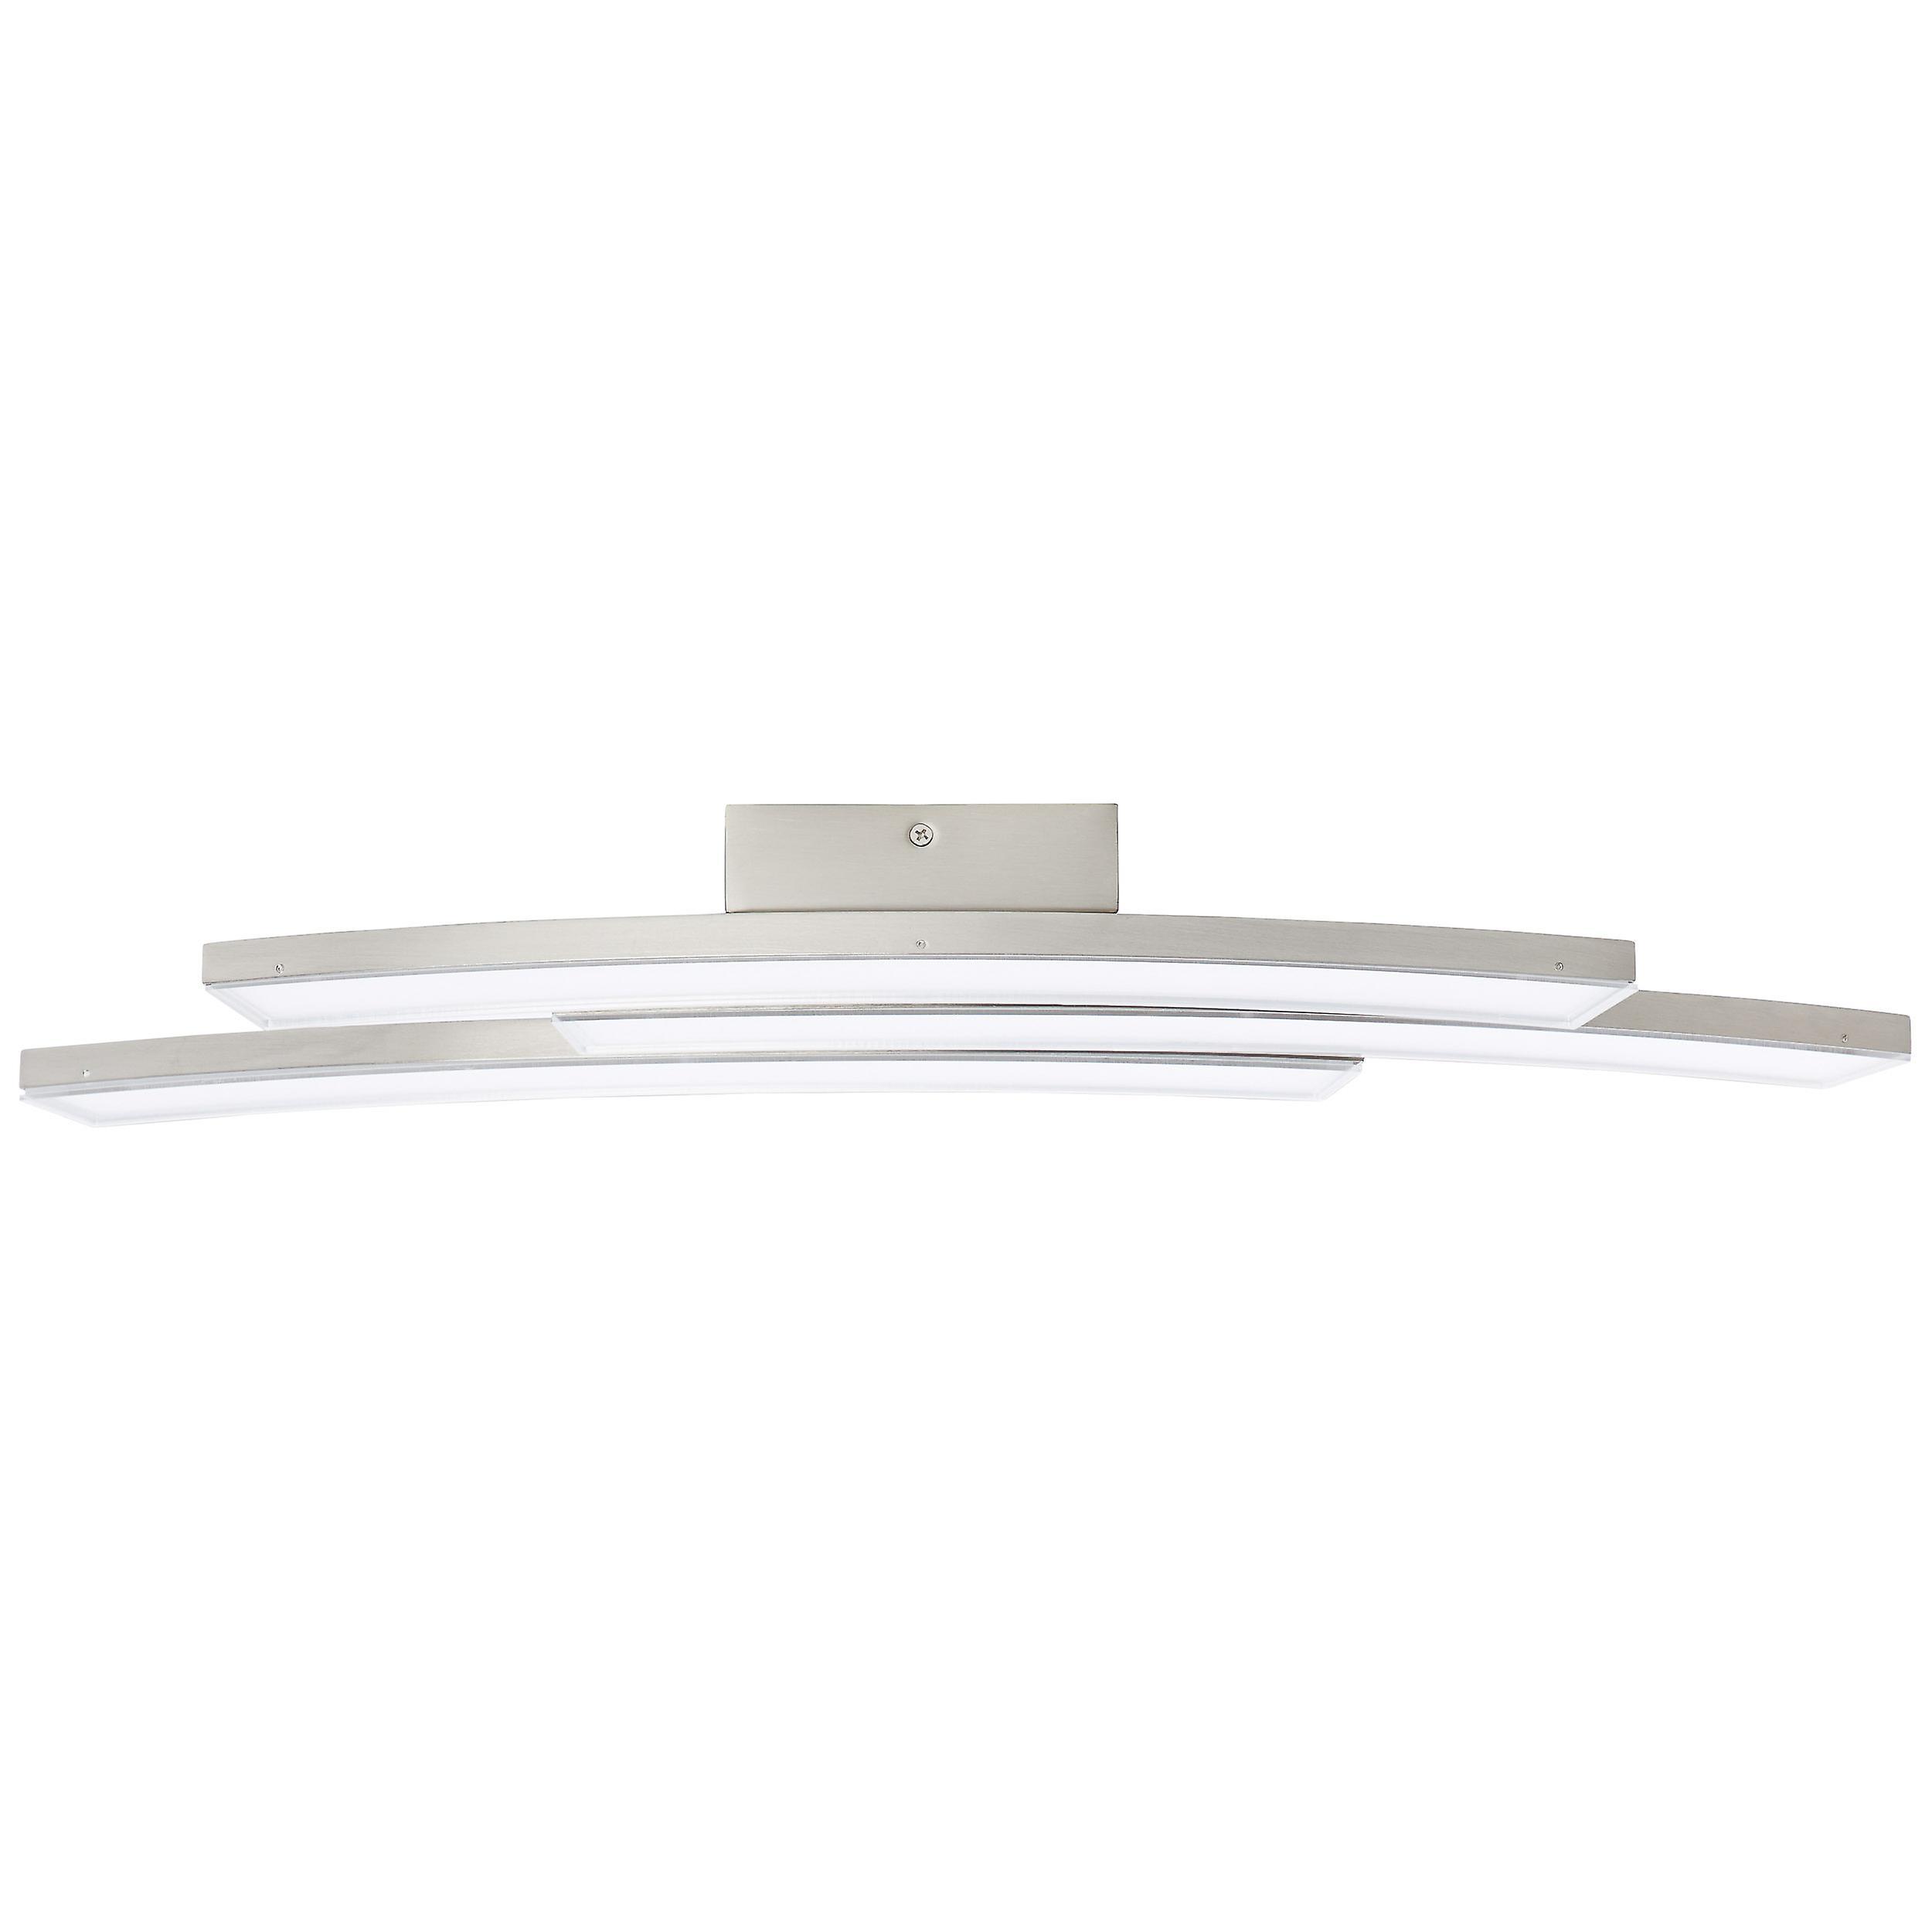 Brilliant Lampe Elaine LED Wand- und Deckenleuchte 3flg nickel matt